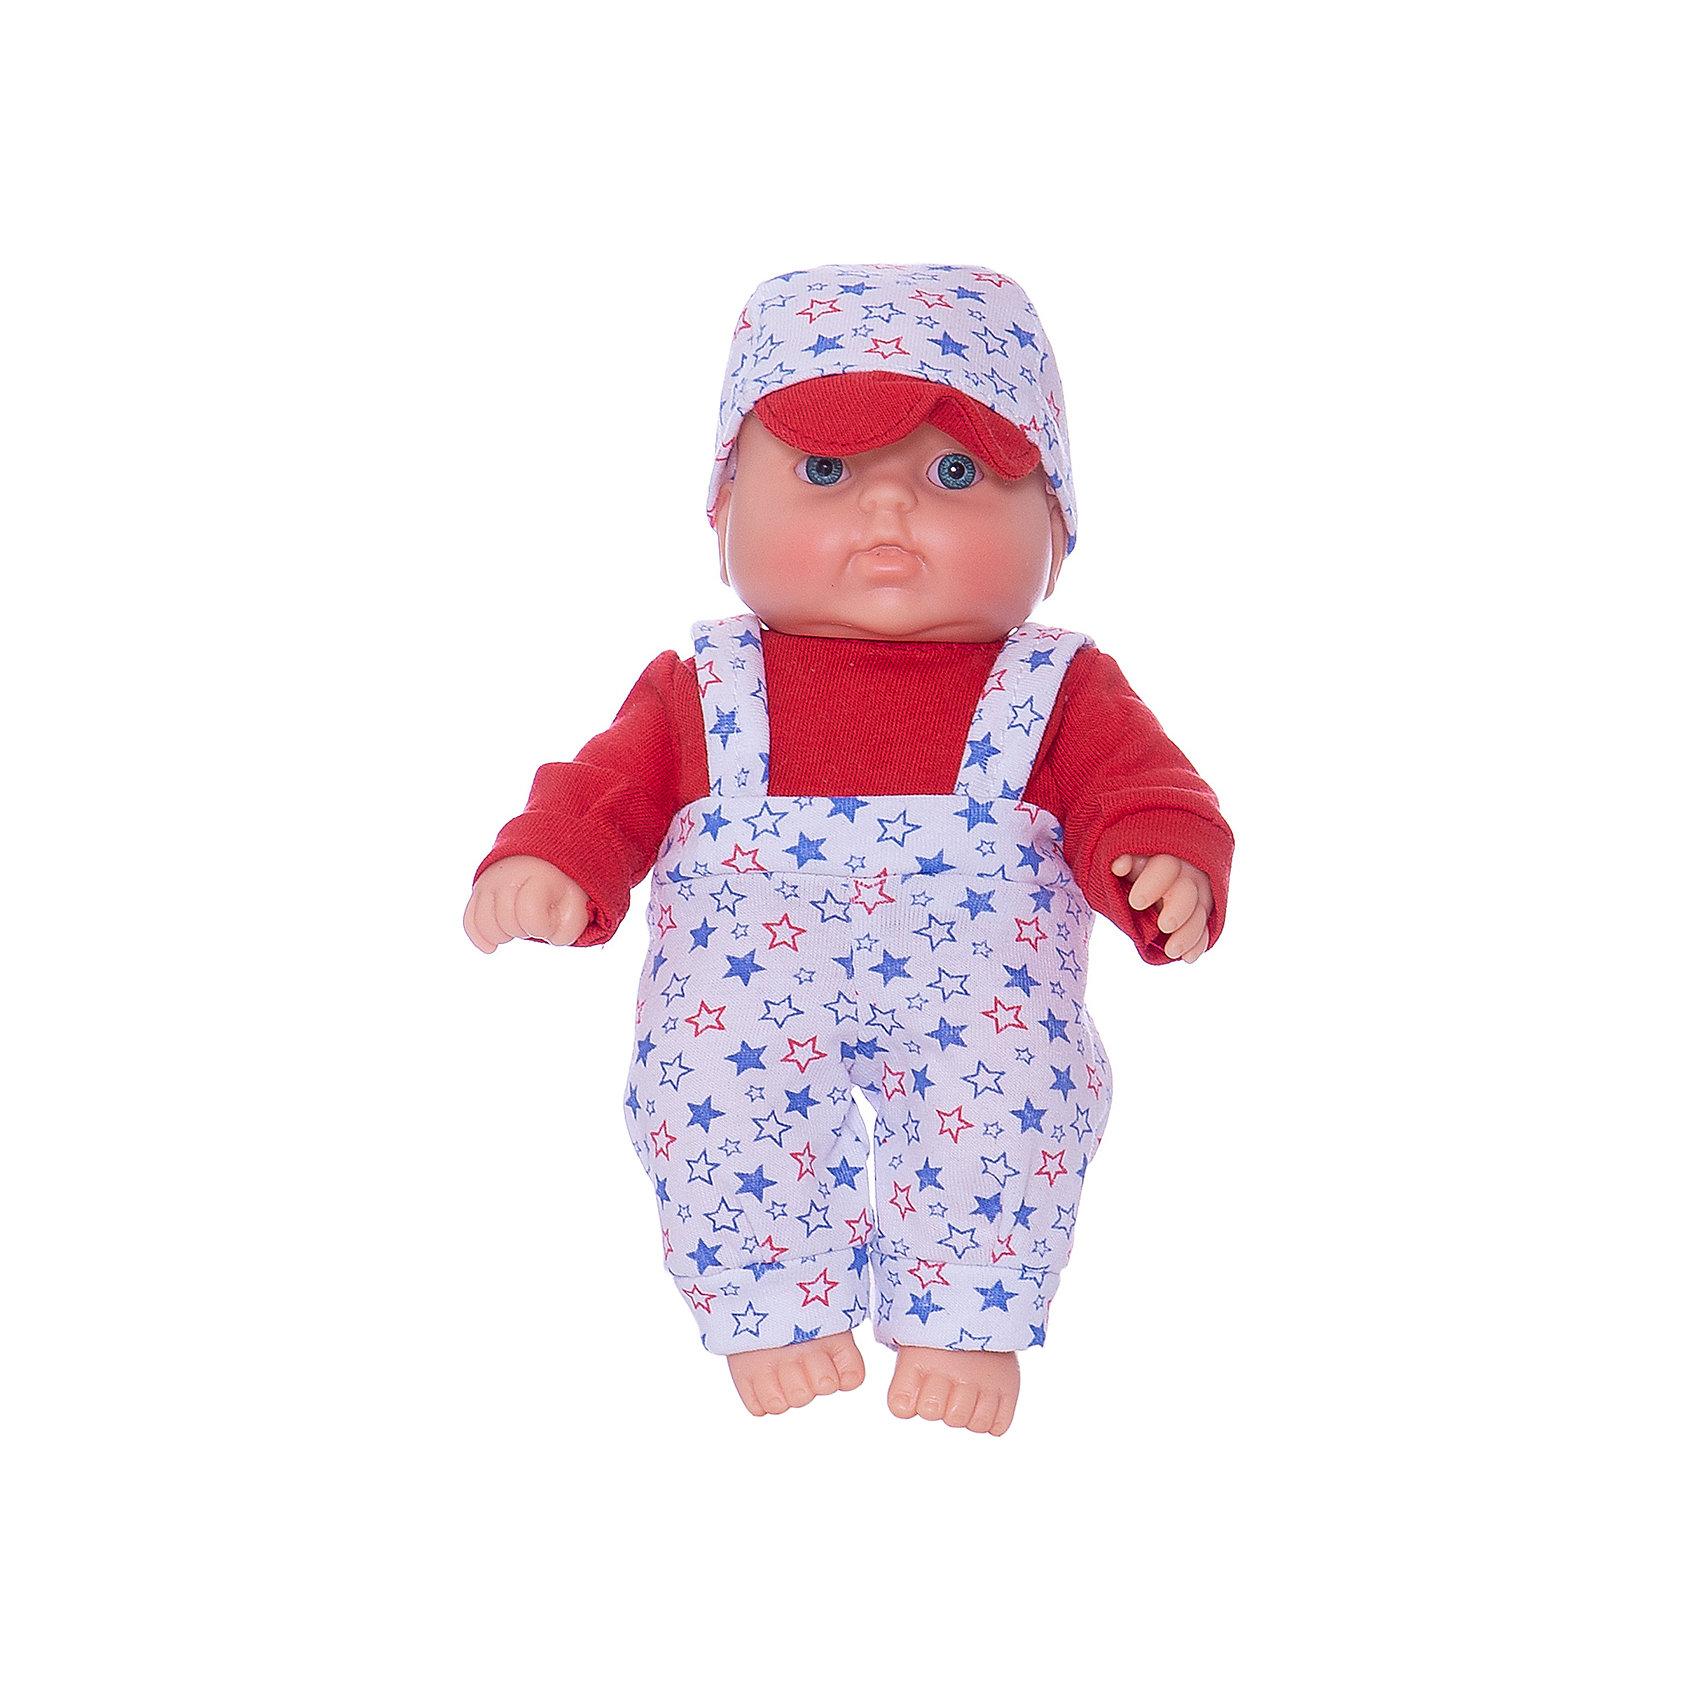 Кукла Карапуз 8, мальчик, 20 см, ВеснаСимпатичная и качественная кукла от отечественного производителя способна не просто помочь ребенку весело проводить время, но и научить девочку заботиться о других. На игрушке - симпатичная одежда и шапочка, всё можно снимать и надевать. Также прилагается красивый конверт-одеяло.<br>Такая кукла помогает ребенку нарабатывать социальные навыки и весело познавать мир. Сделана игрушка из качественных, приятных на ощупь и безопасных для ребенка материалов.<br><br>Отличительные особенности куклы:<br><br>- материал: пластмасса;<br>- волосы: рельефная имитация;<br>- можно купать;<br>- снимающаяся одежда;<br>- высота: 20 см.<br><br>Куклу Карапуз 8 от марки Весна можно купить в нашем магазине.<br><br>Ширина мм: 335<br>Глубина мм: 350<br>Высота мм: 205<br>Вес г: 200<br>Возраст от месяцев: 36<br>Возраст до месяцев: 1188<br>Пол: Женский<br>Возраст: Детский<br>SKU: 4701847